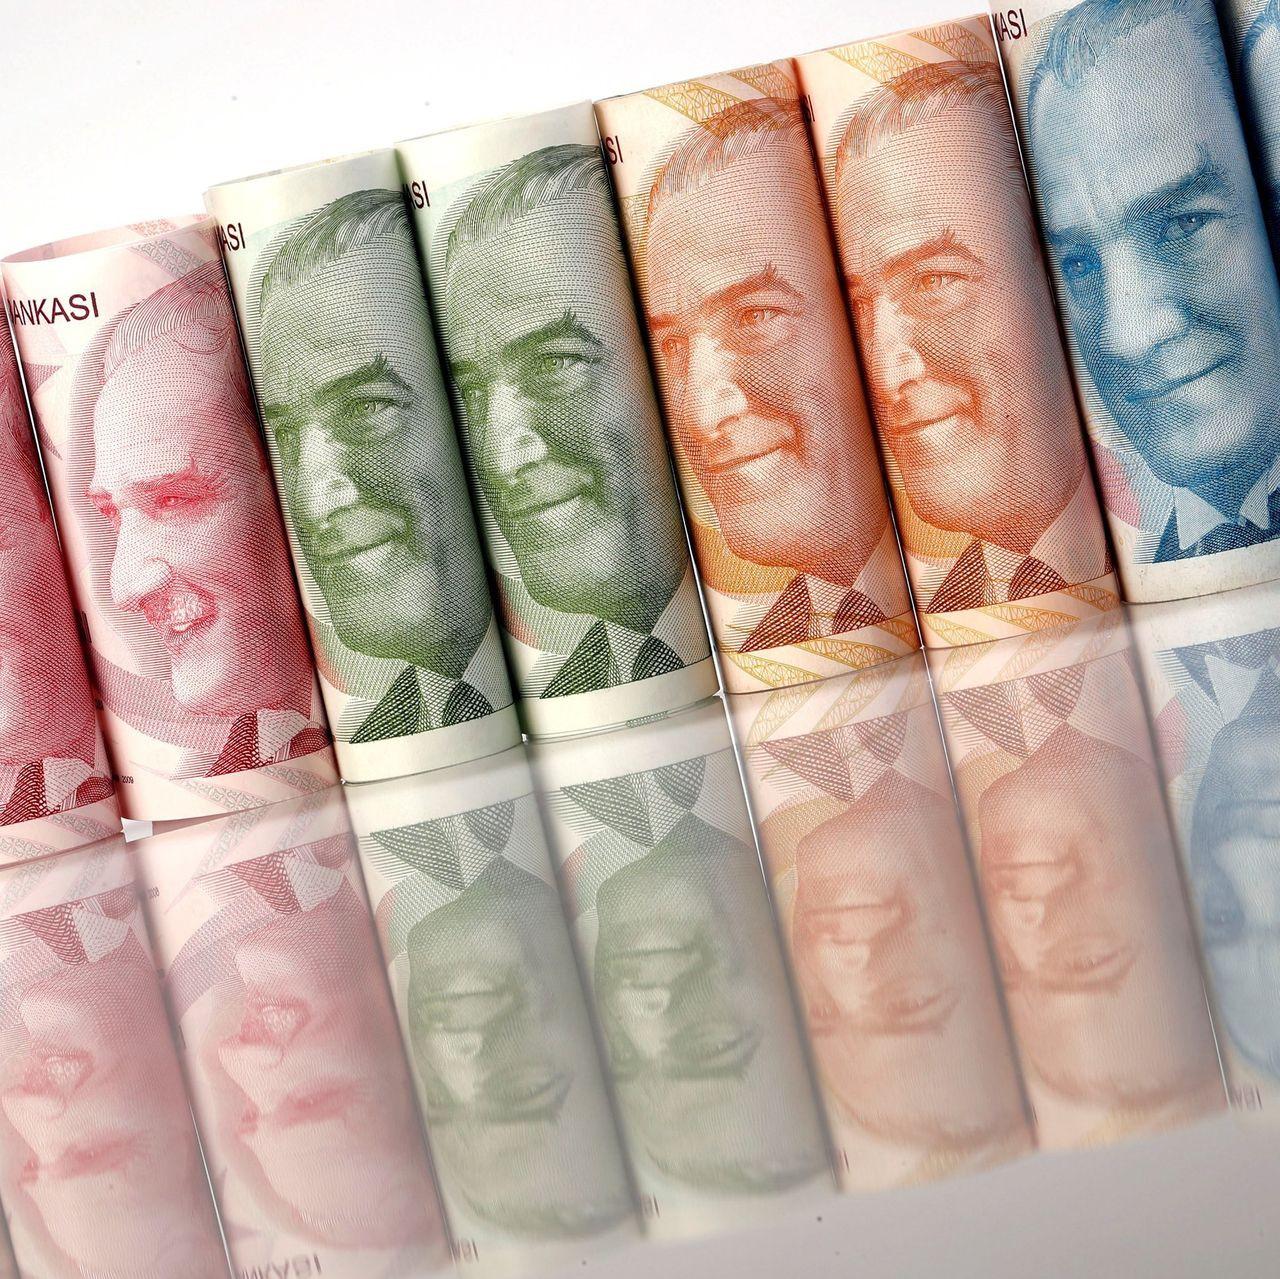 Merkez Bankası'ndan piyasaya yeni banknotlar sürülüyor